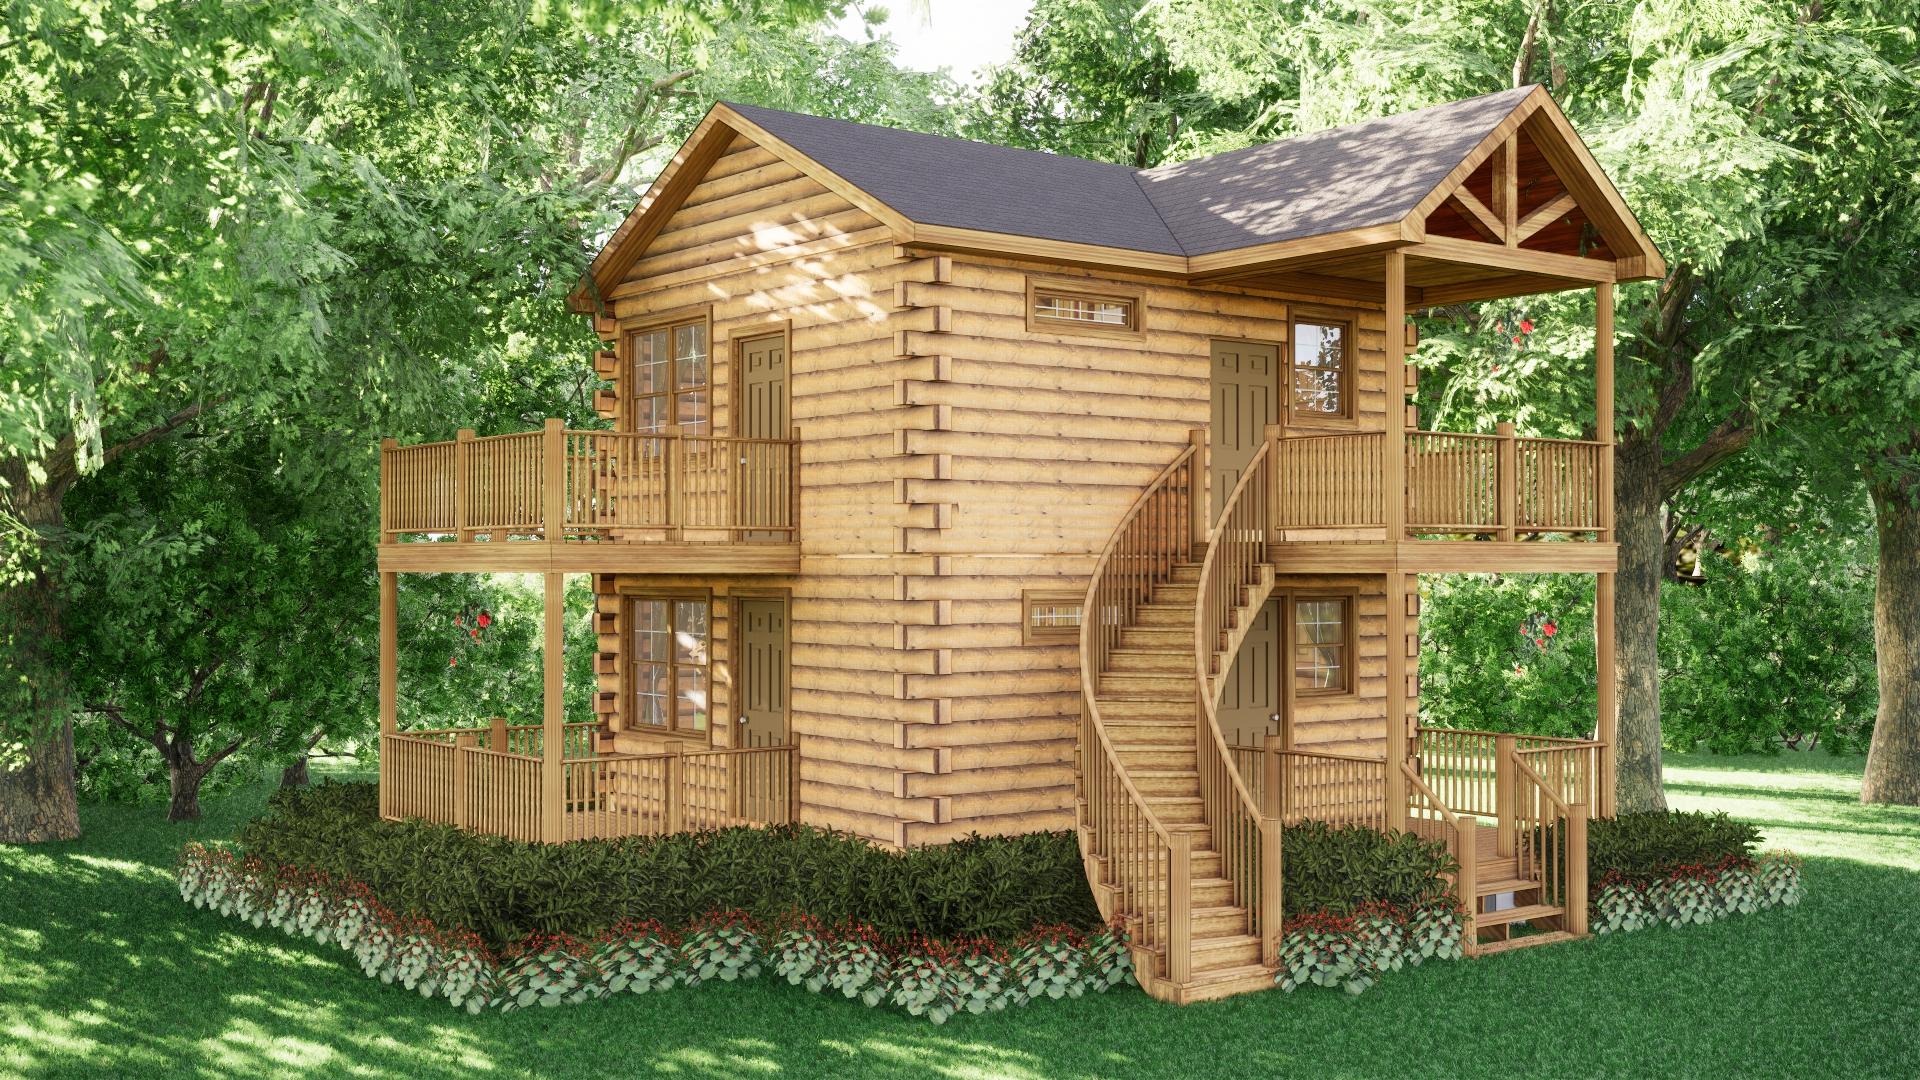 Small Log Cabins - Small Log Cabin Kits 6